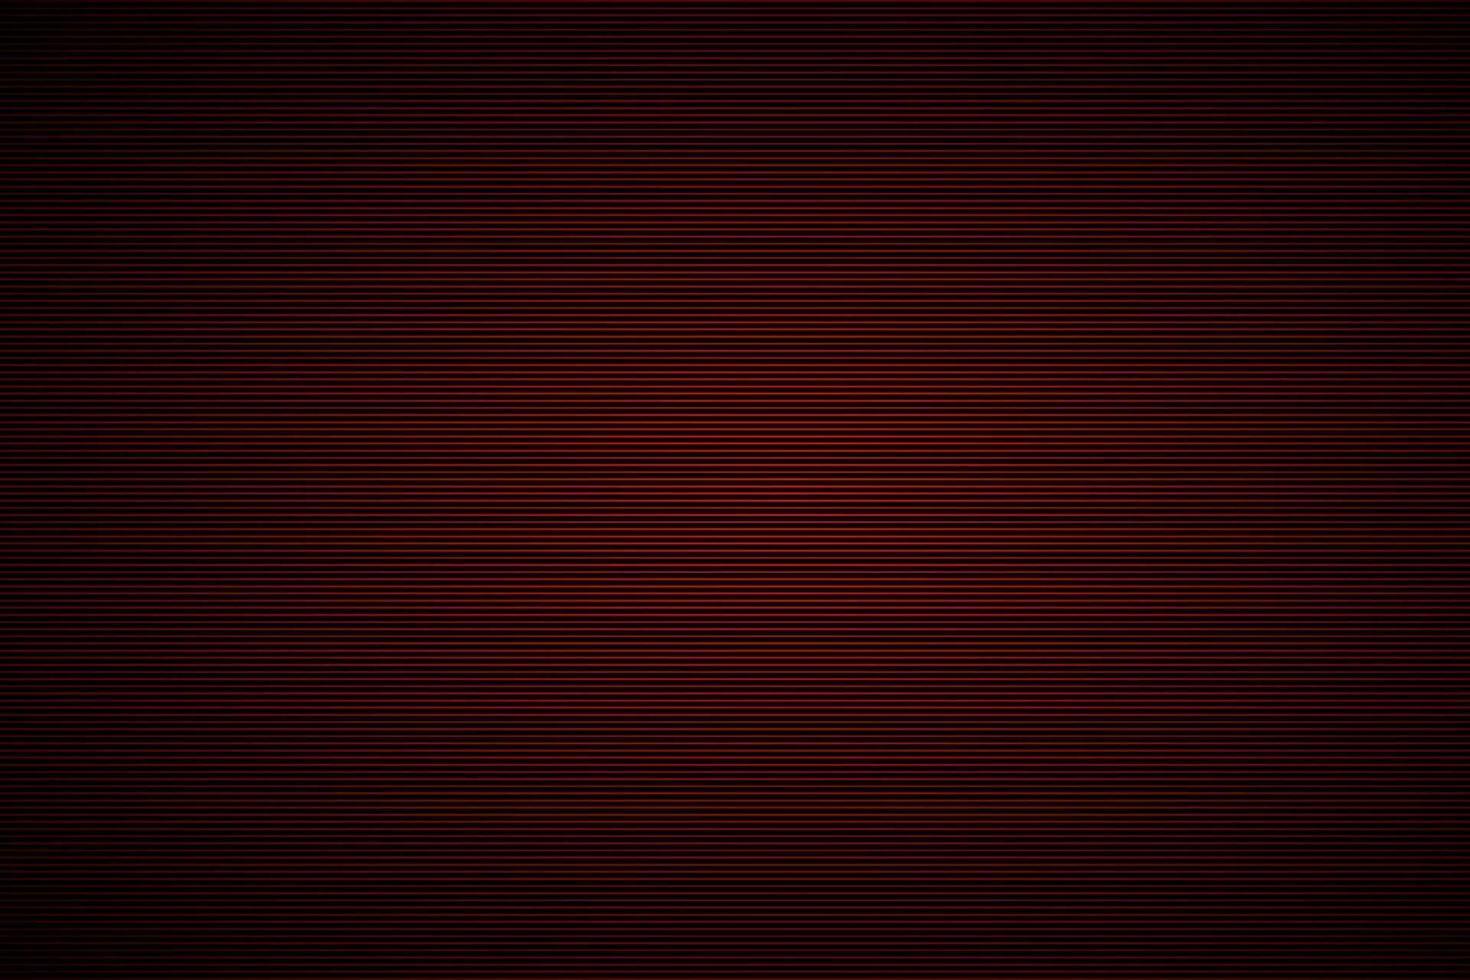 zwart metallic roestvrijstalen achtergrond met rode horizontale strepen. sipme vectorillustratie vector